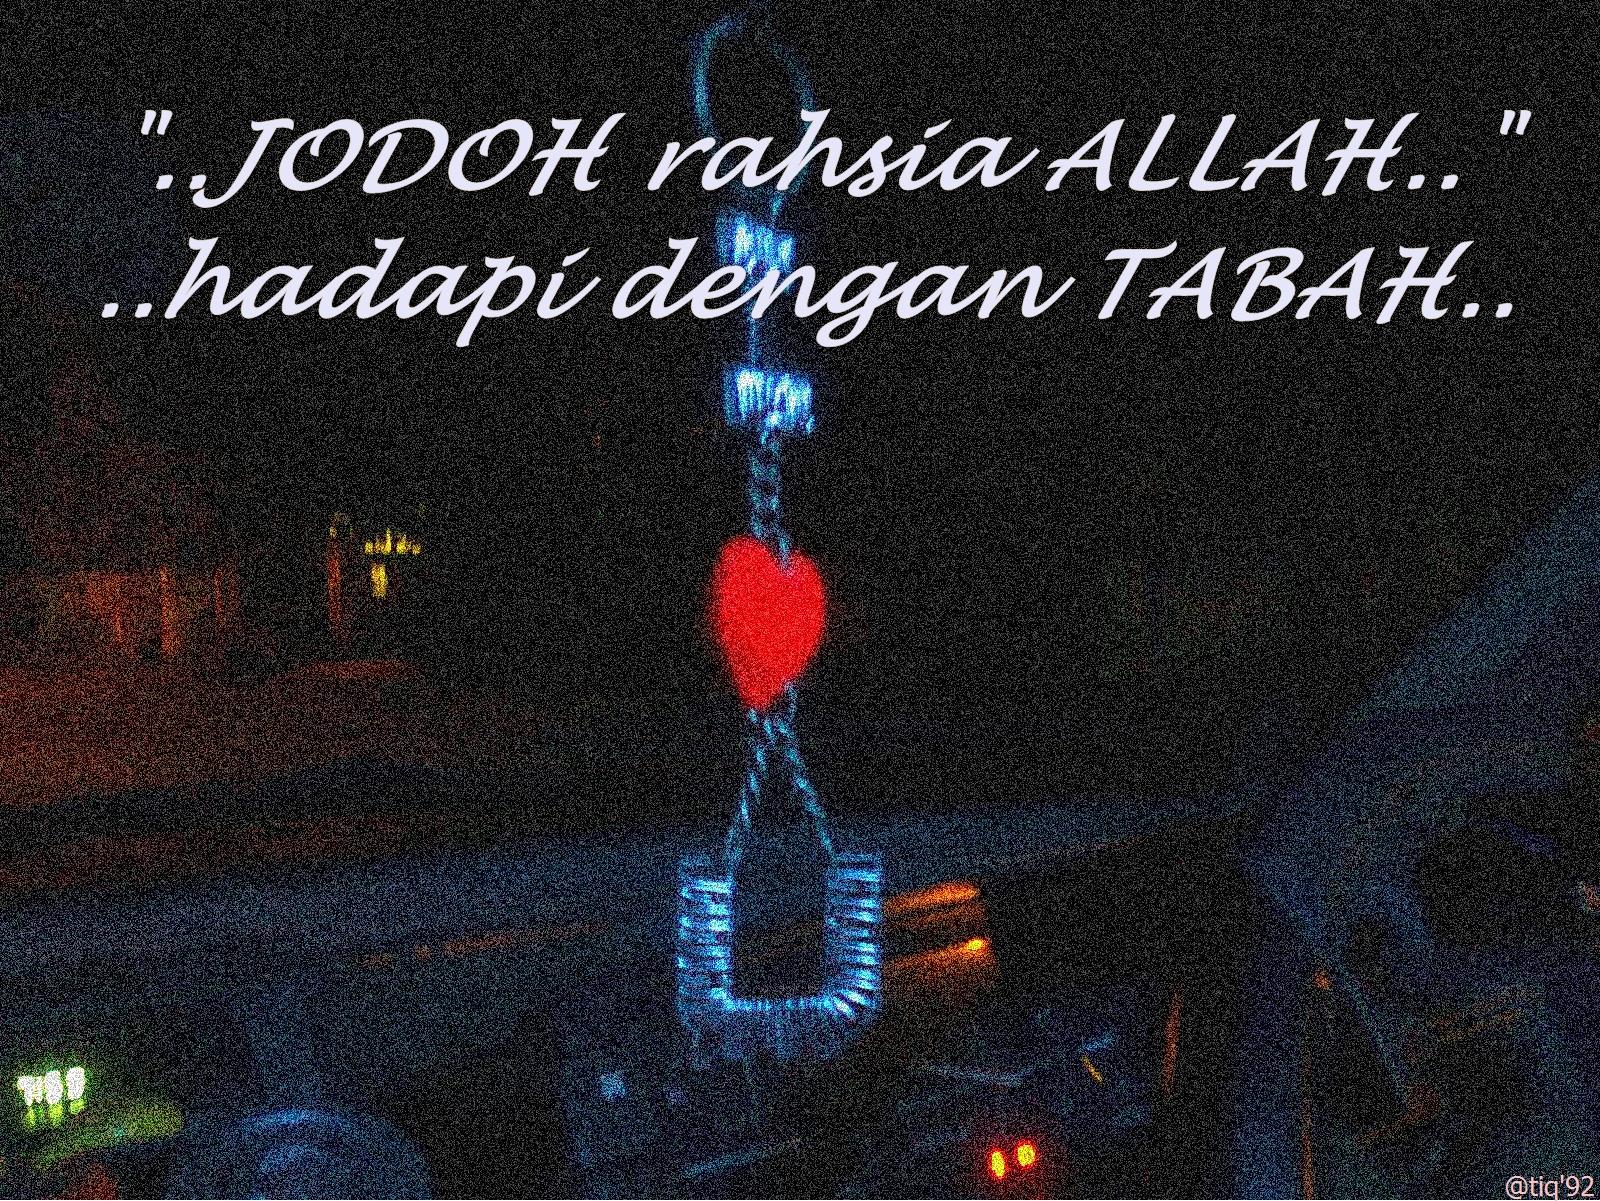 Berusia tahun indonesia bokep ngentot abg telanjang bokep ngentot abg